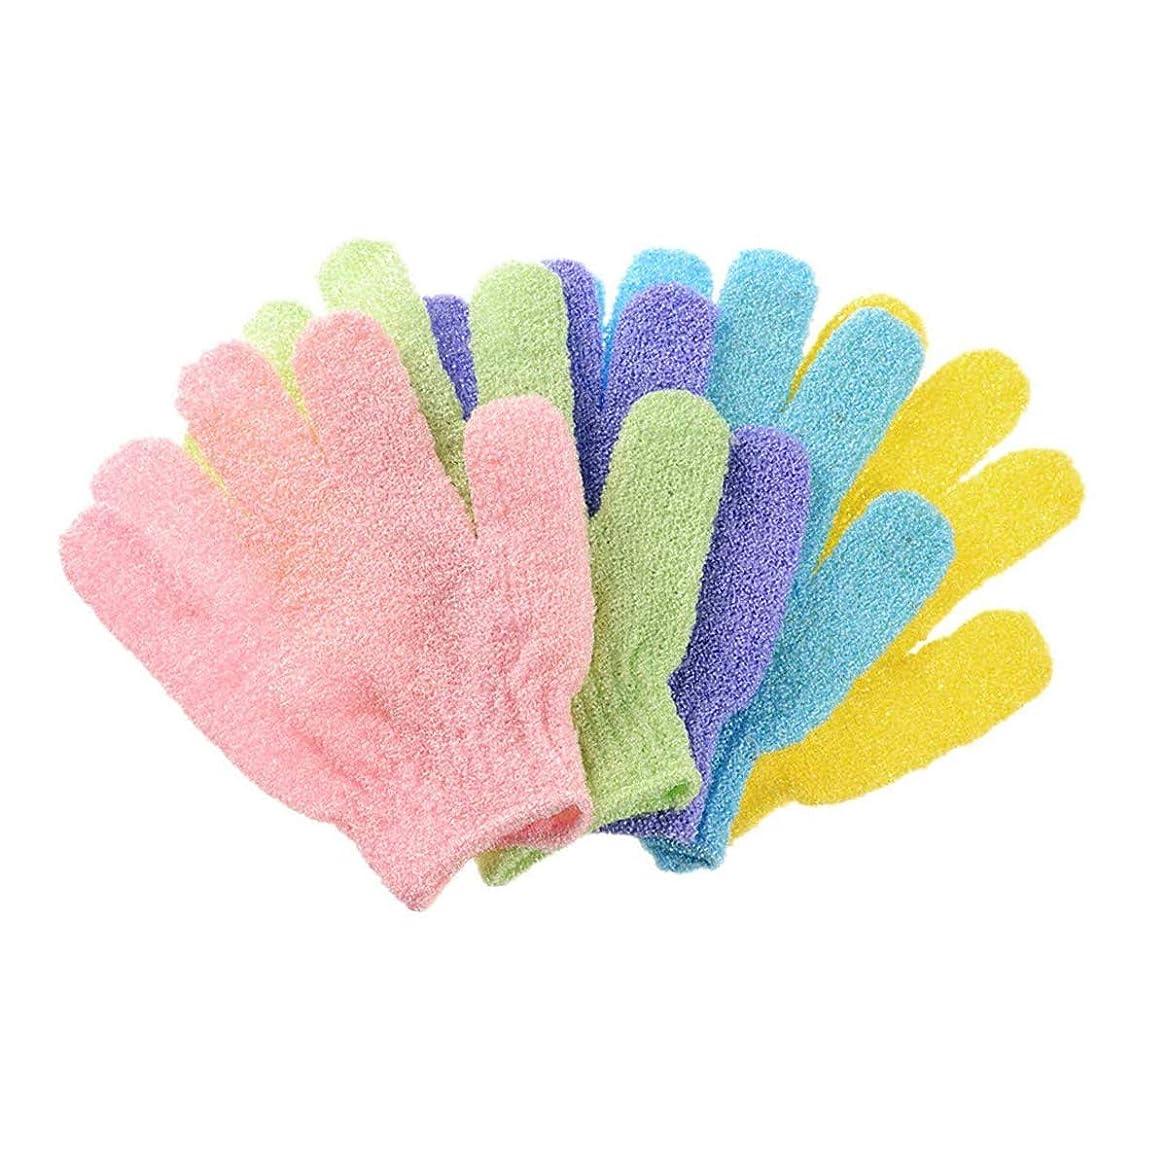 決定する光沢のある以上10枚セット角質取り 泡立ち 垢すり グローブ ボディウォッシュ手袋 お風呂手袋 角質除去 浴用手袋